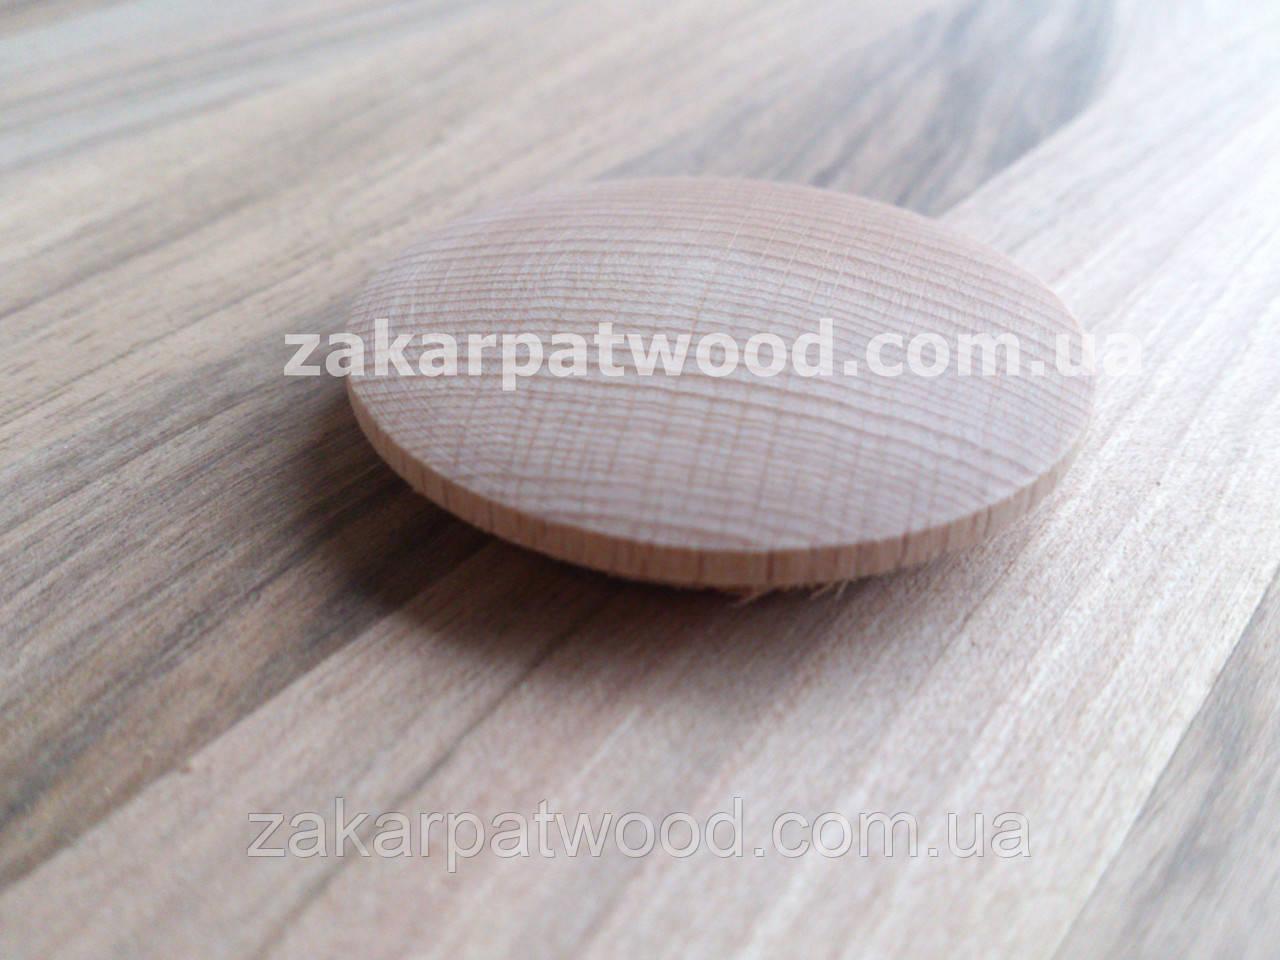 Заглушки дерев'яні 35мм (бук)_ 100шт